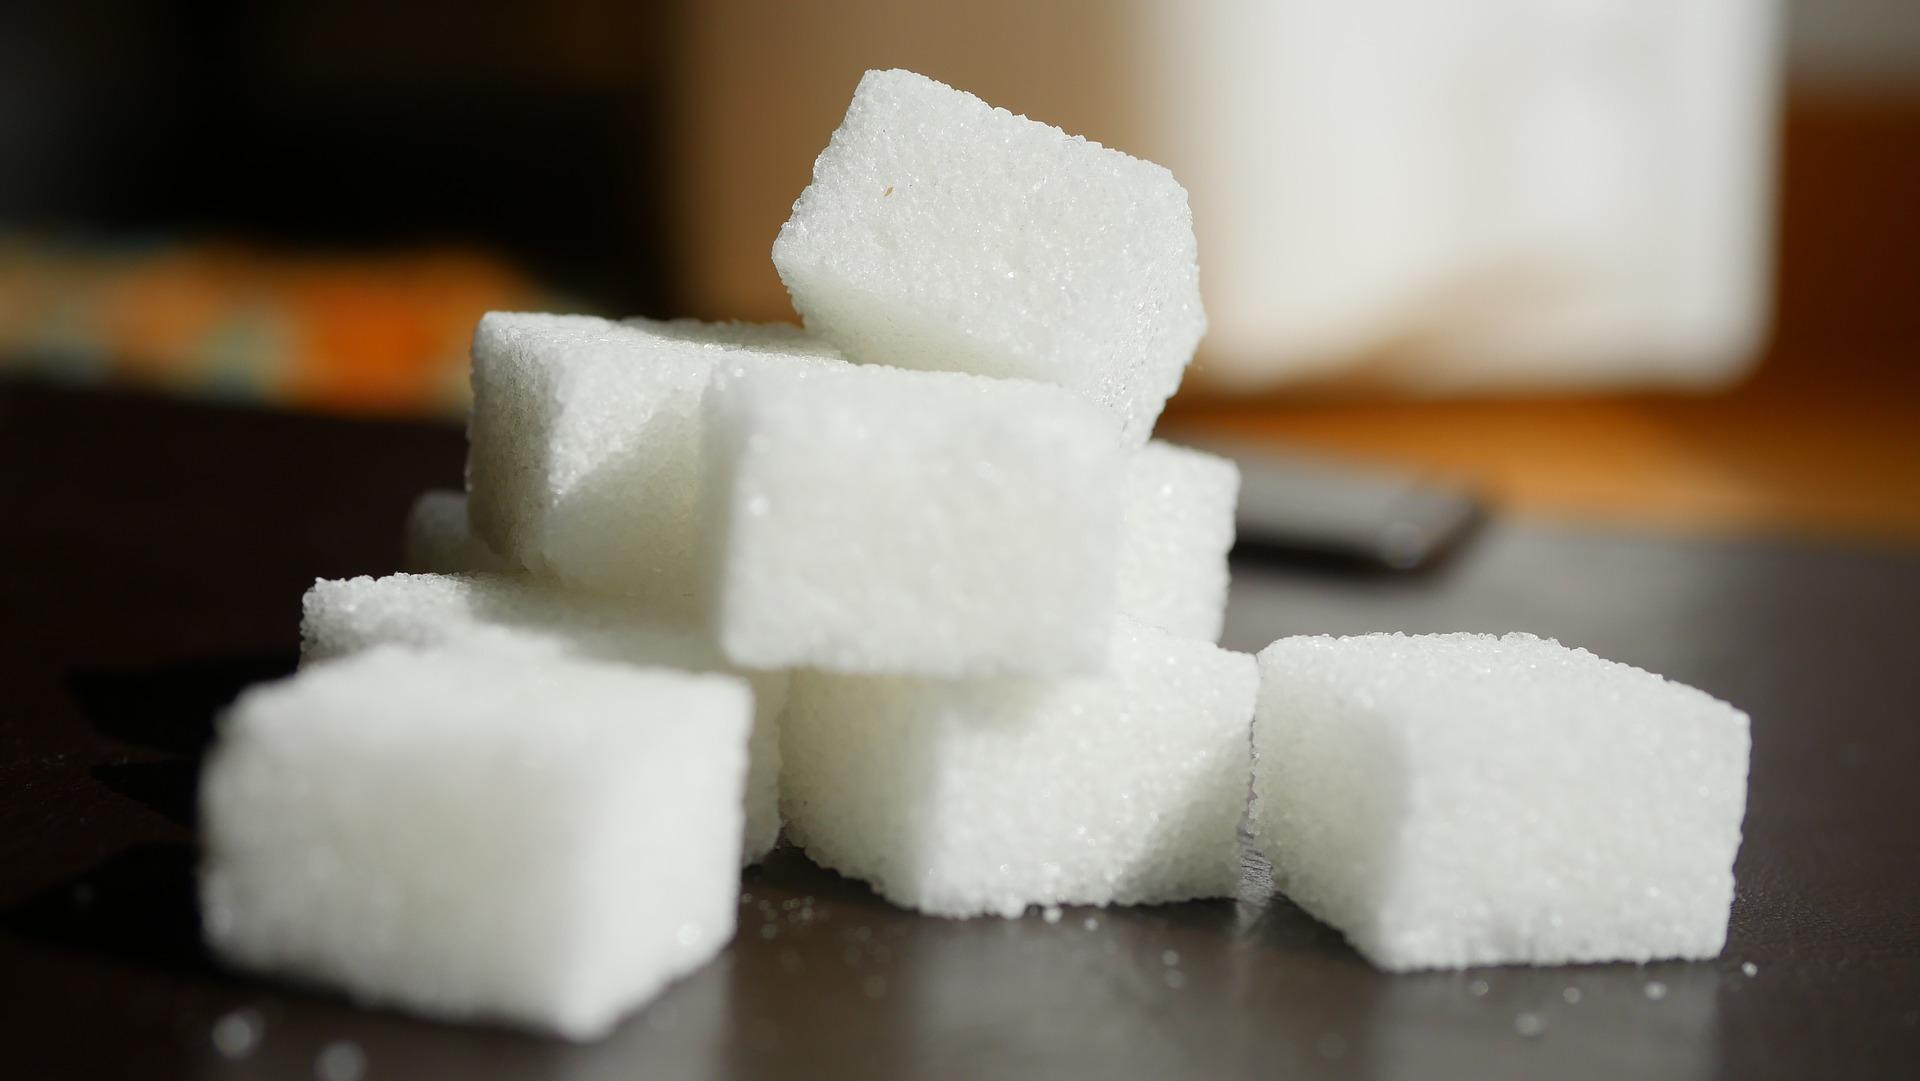 Cygnet планує забезпечити максимальну продуктивність цукрового заводу